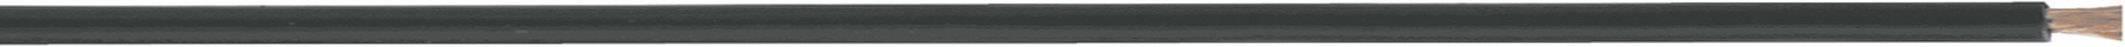 Merací vodič LappKabel 4560053S LiFY, 1 x 2.50 mm², vonkajší Ø 4.20 mm, metrový tovar, čierna